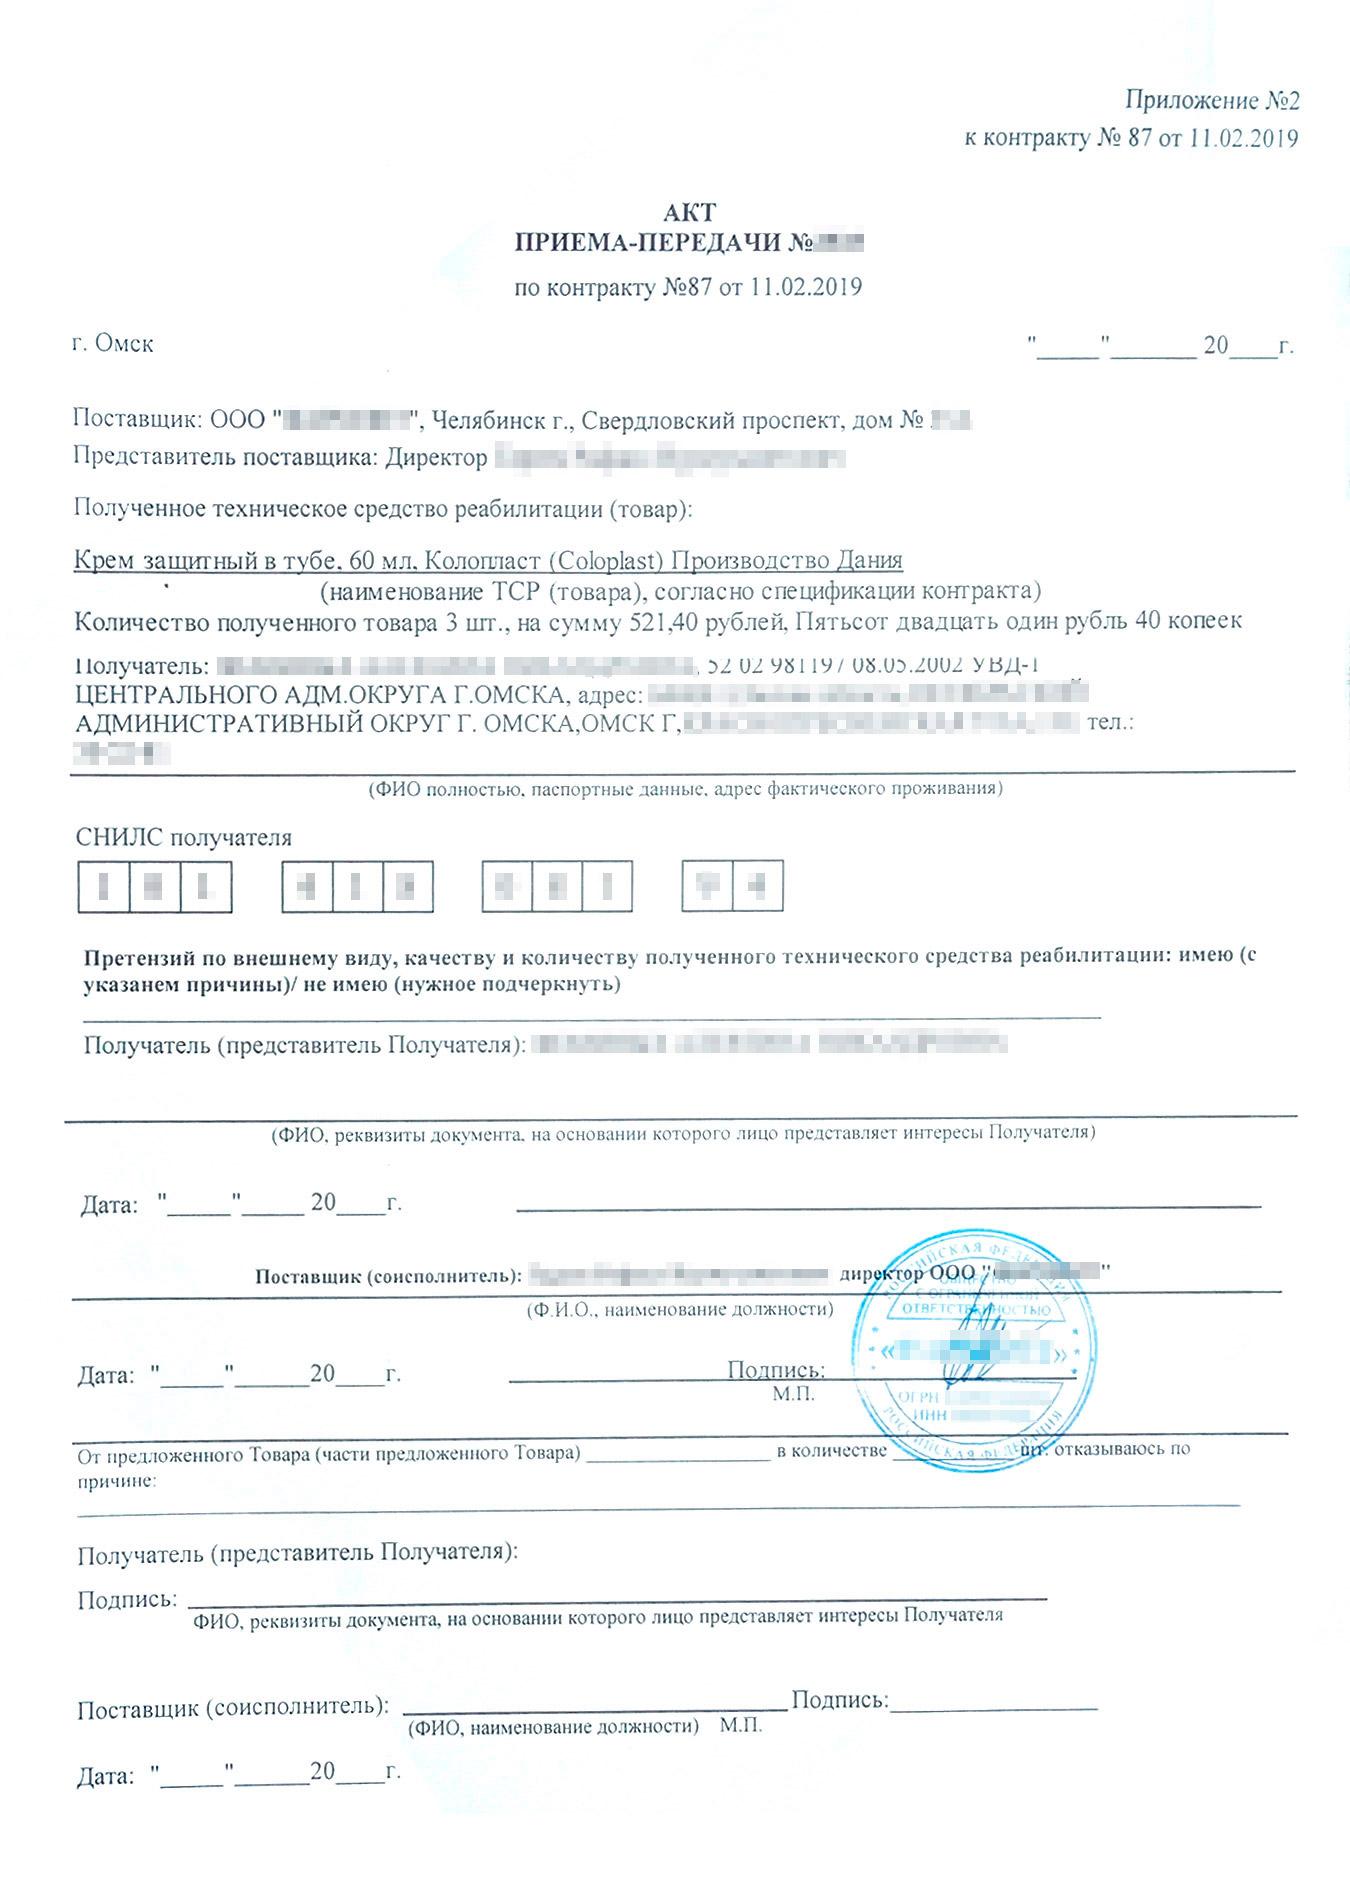 Поставщик привезет партию ТСР и даст на подпись акт приема-передачи в трех экземплярах. Проверьте, целая ли упаковка, все ли привезли, что указано в акте. Если чего-то не хватает, можете не принимать средства реабилитации. В этом случае акты не подписывайте